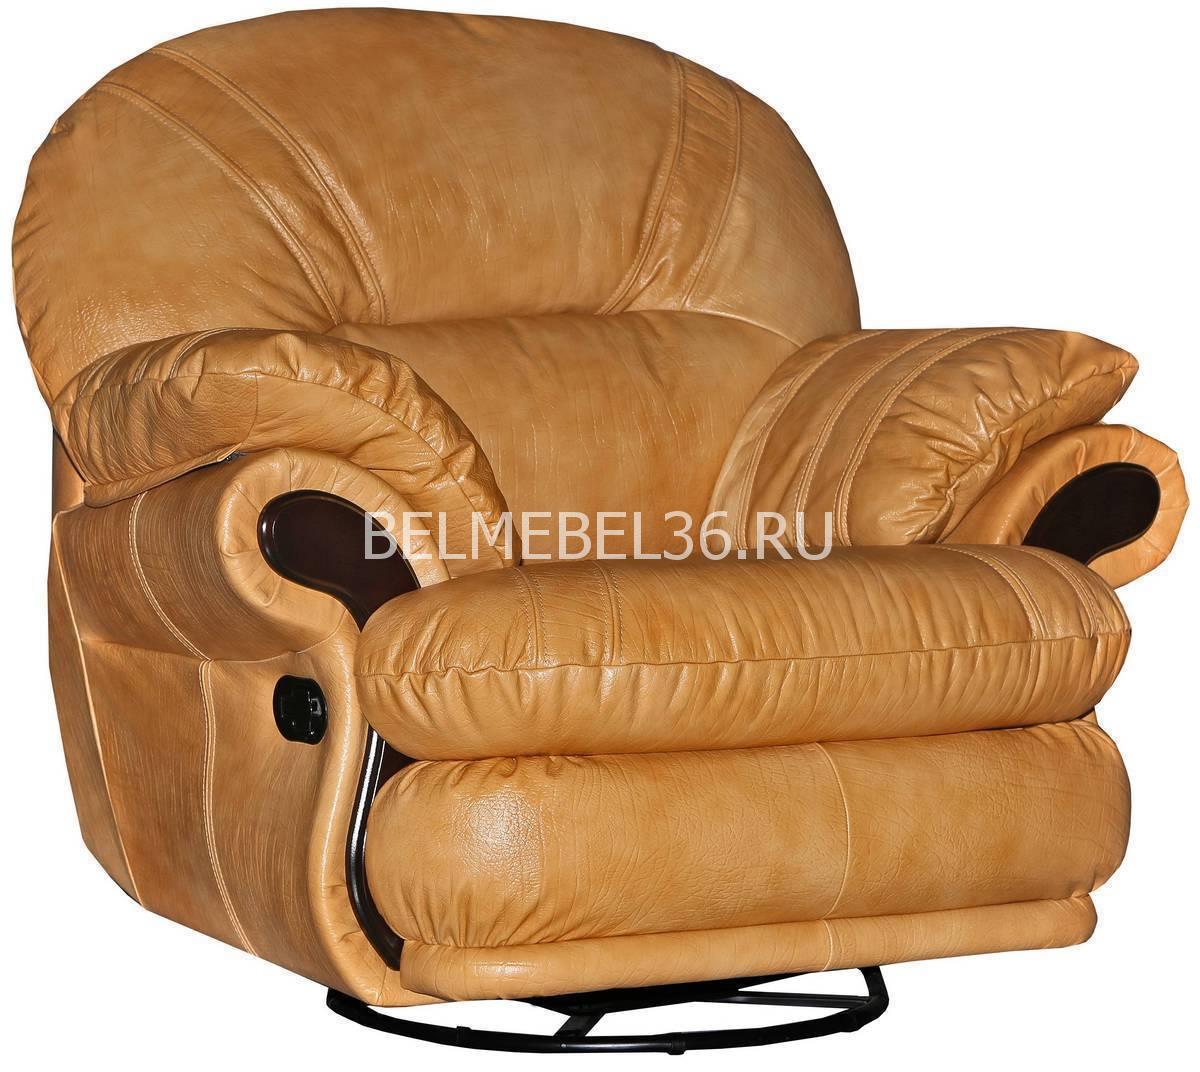 Кресло Орлеан (1Р) П-Д043 | Белорусская мебель в Воронеже